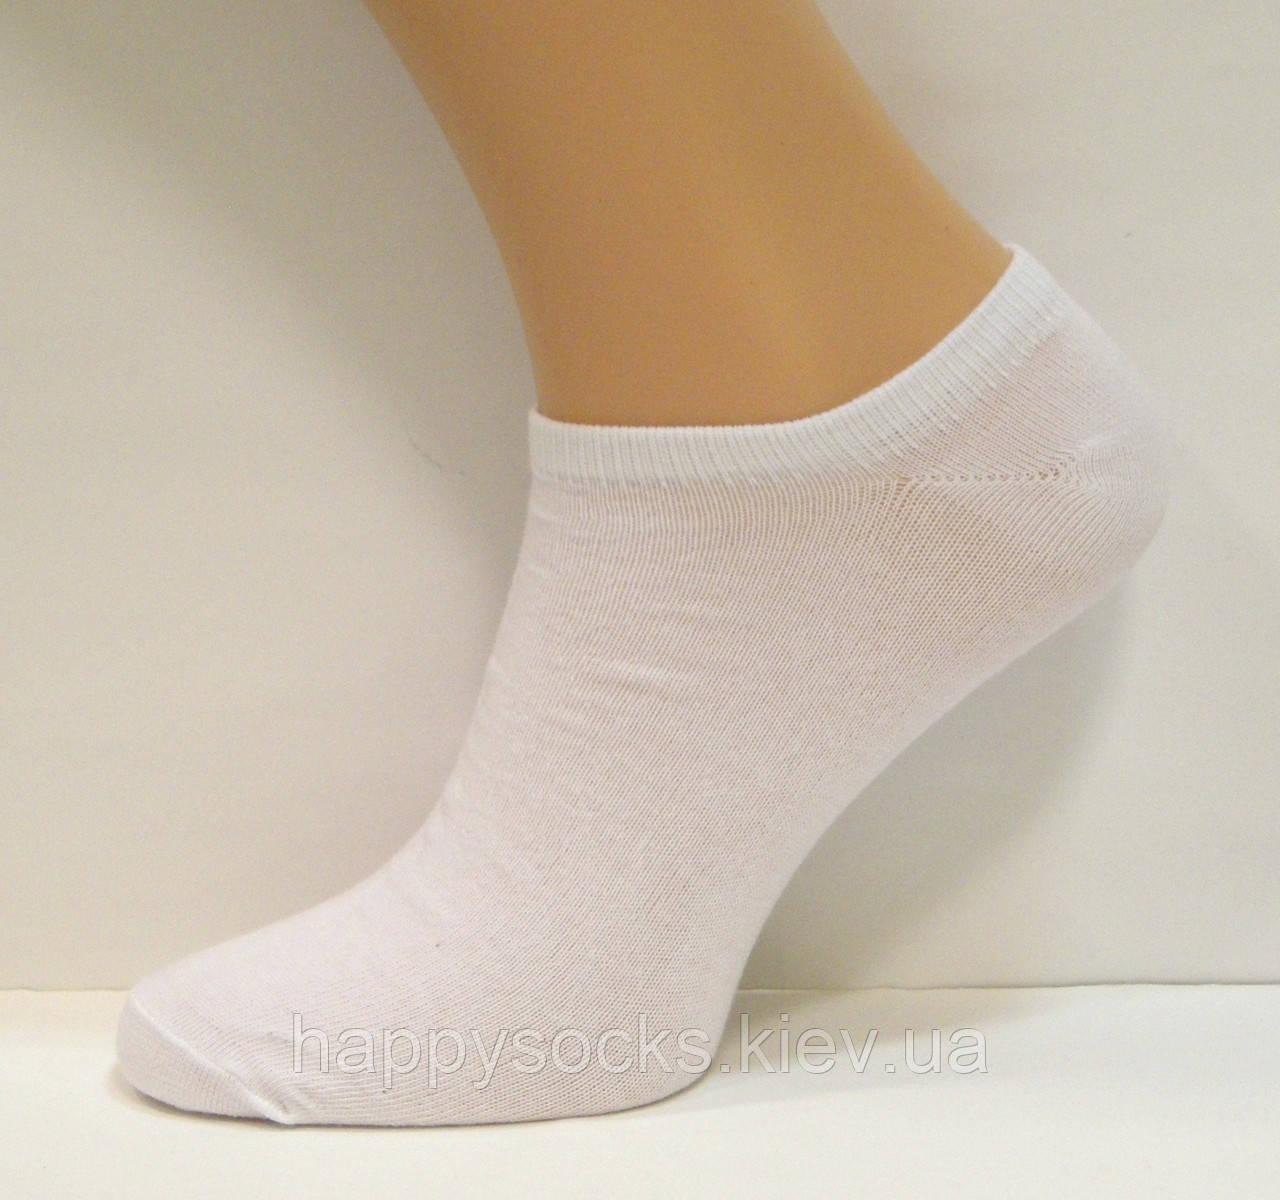 Носки низкие мужские белого цвета